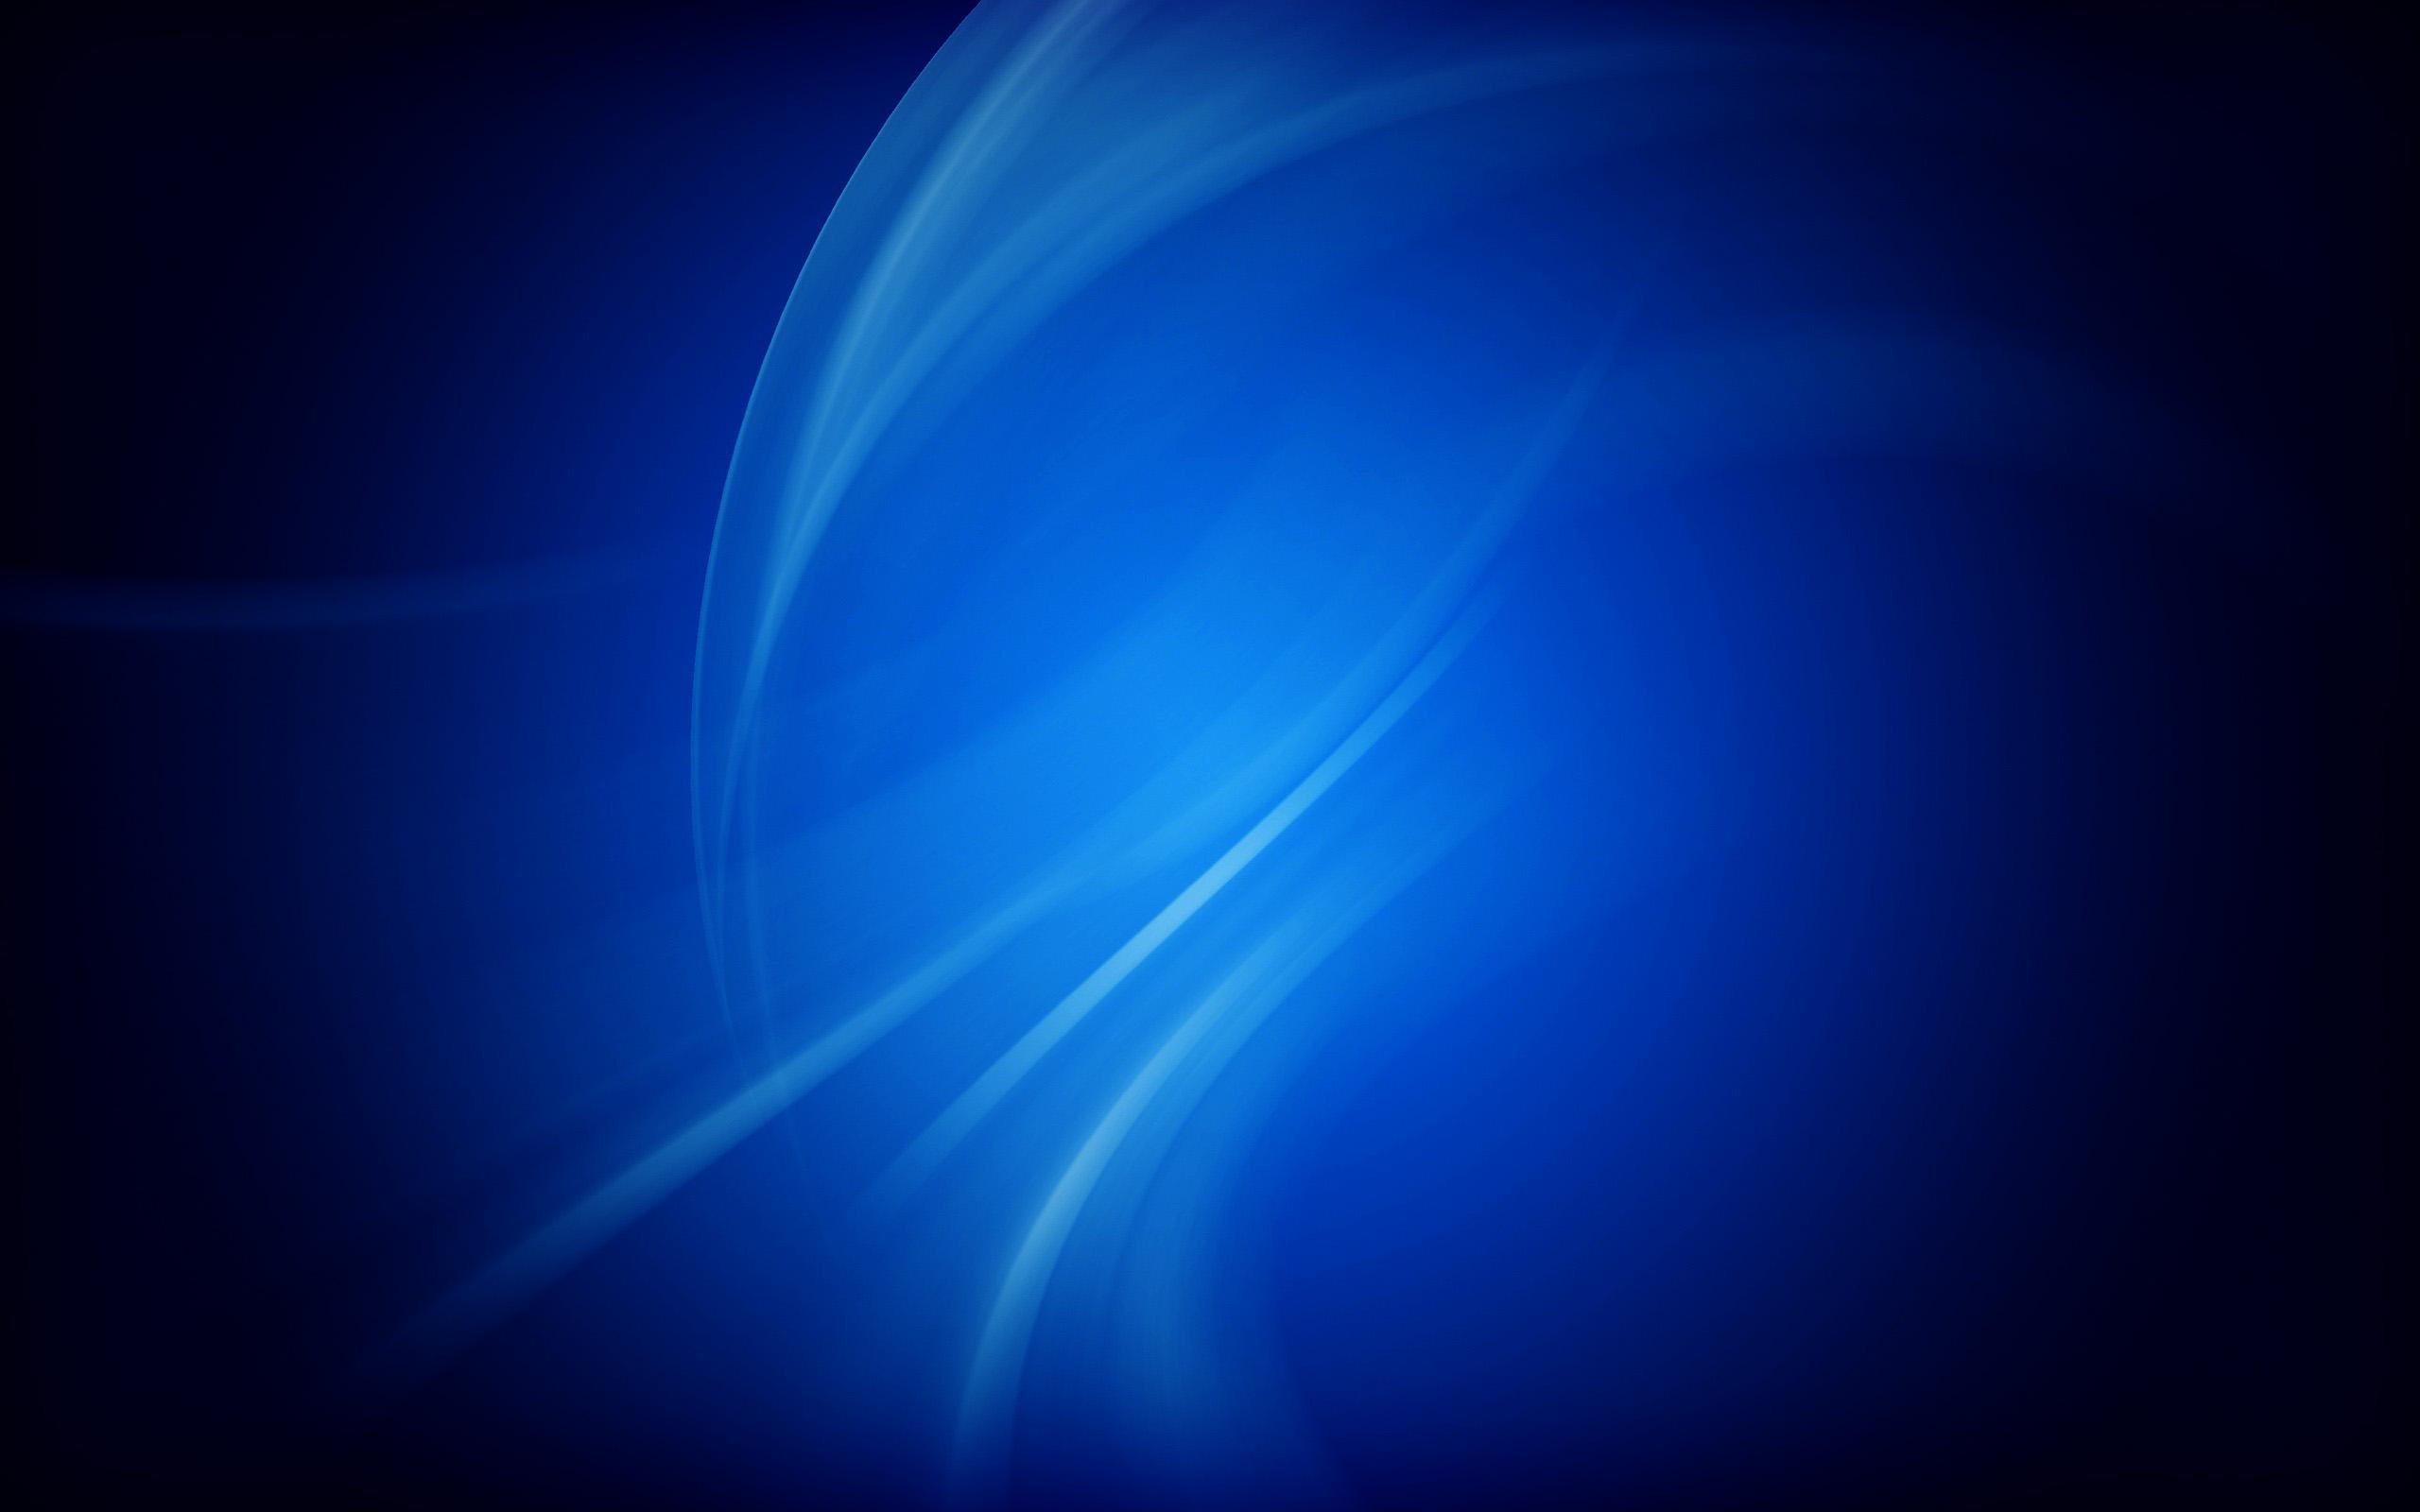 blue-textured-background-11